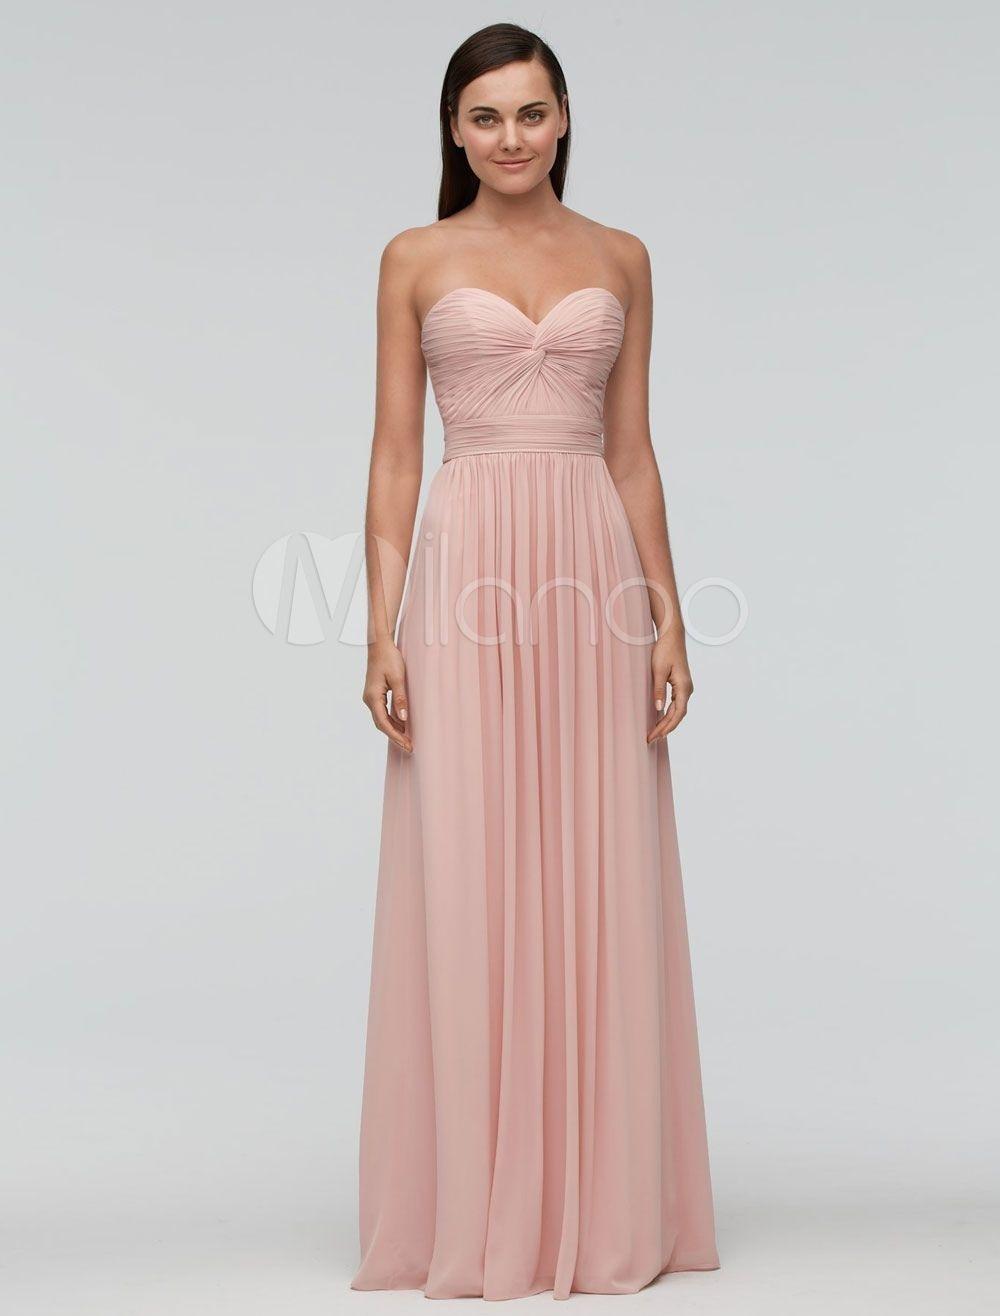 17 Cool Kleid Altrosa Hochzeit für 201913 Schön Kleid Altrosa Hochzeit Boutique